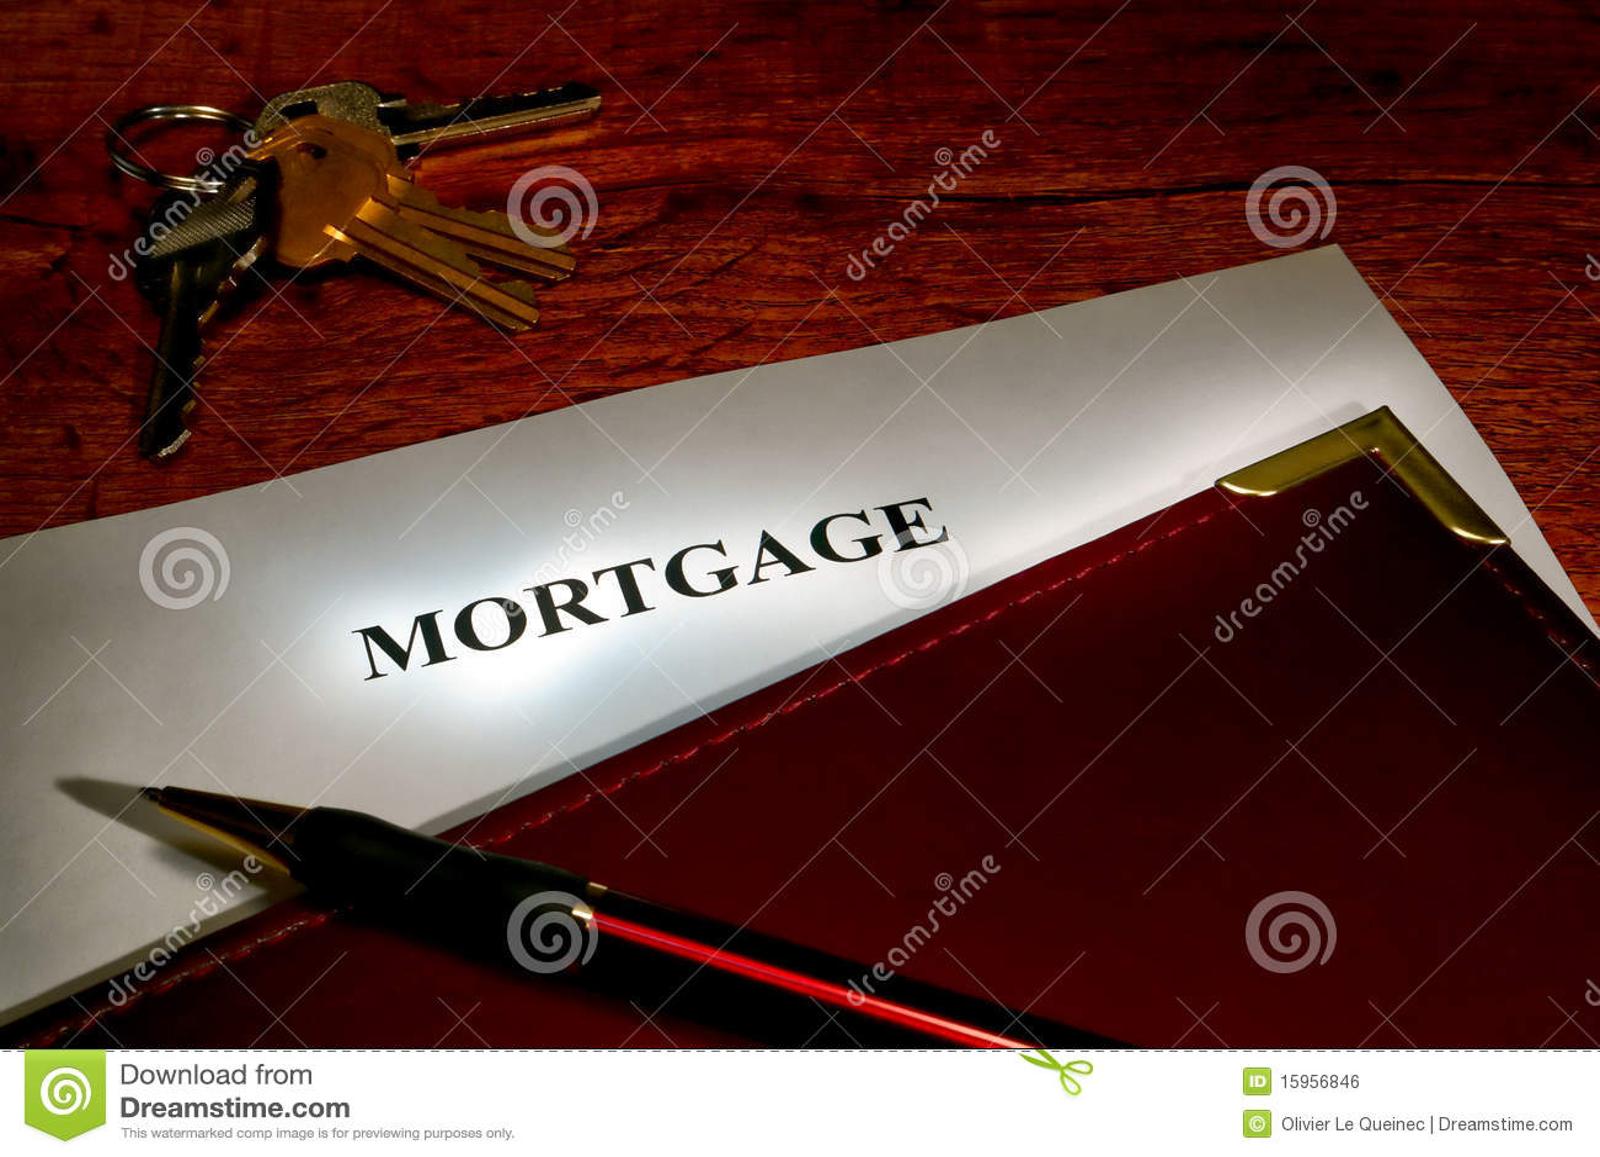 文件庄园锁上实际贷款人的抵押